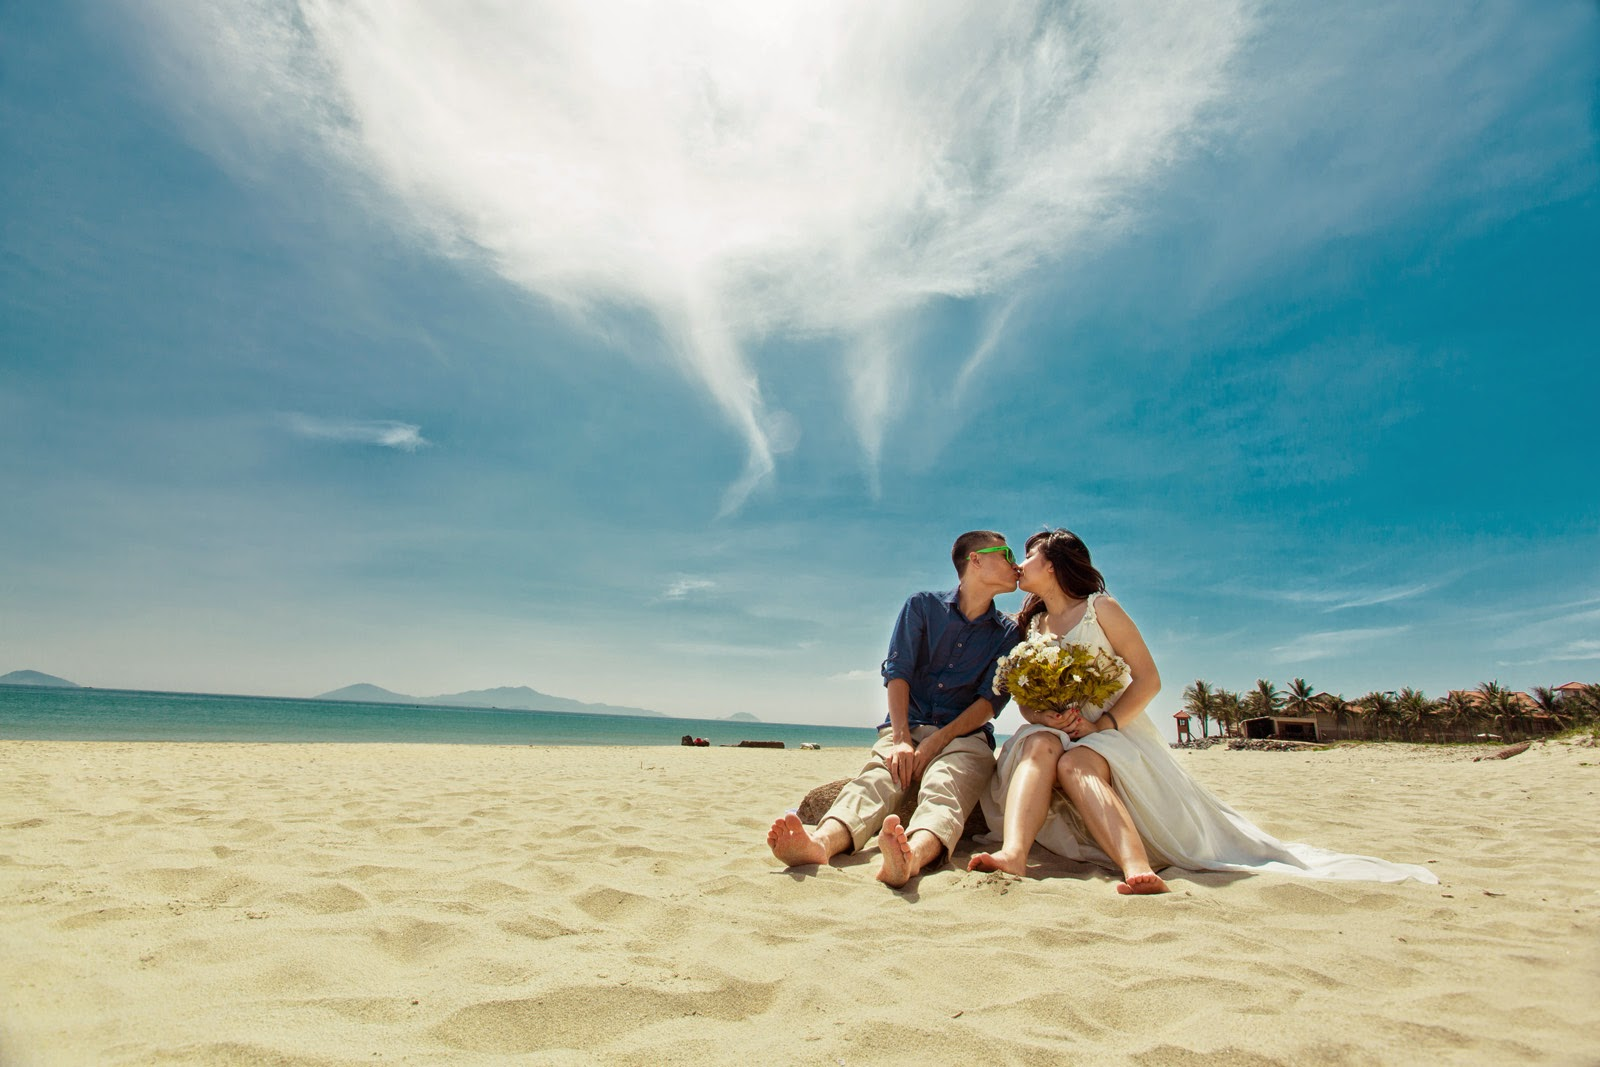 5 địa điểm chụp hình cưới đẹp tại Nghệ An để các cặp đôi có một bộ ảnh lý tưởng nhất